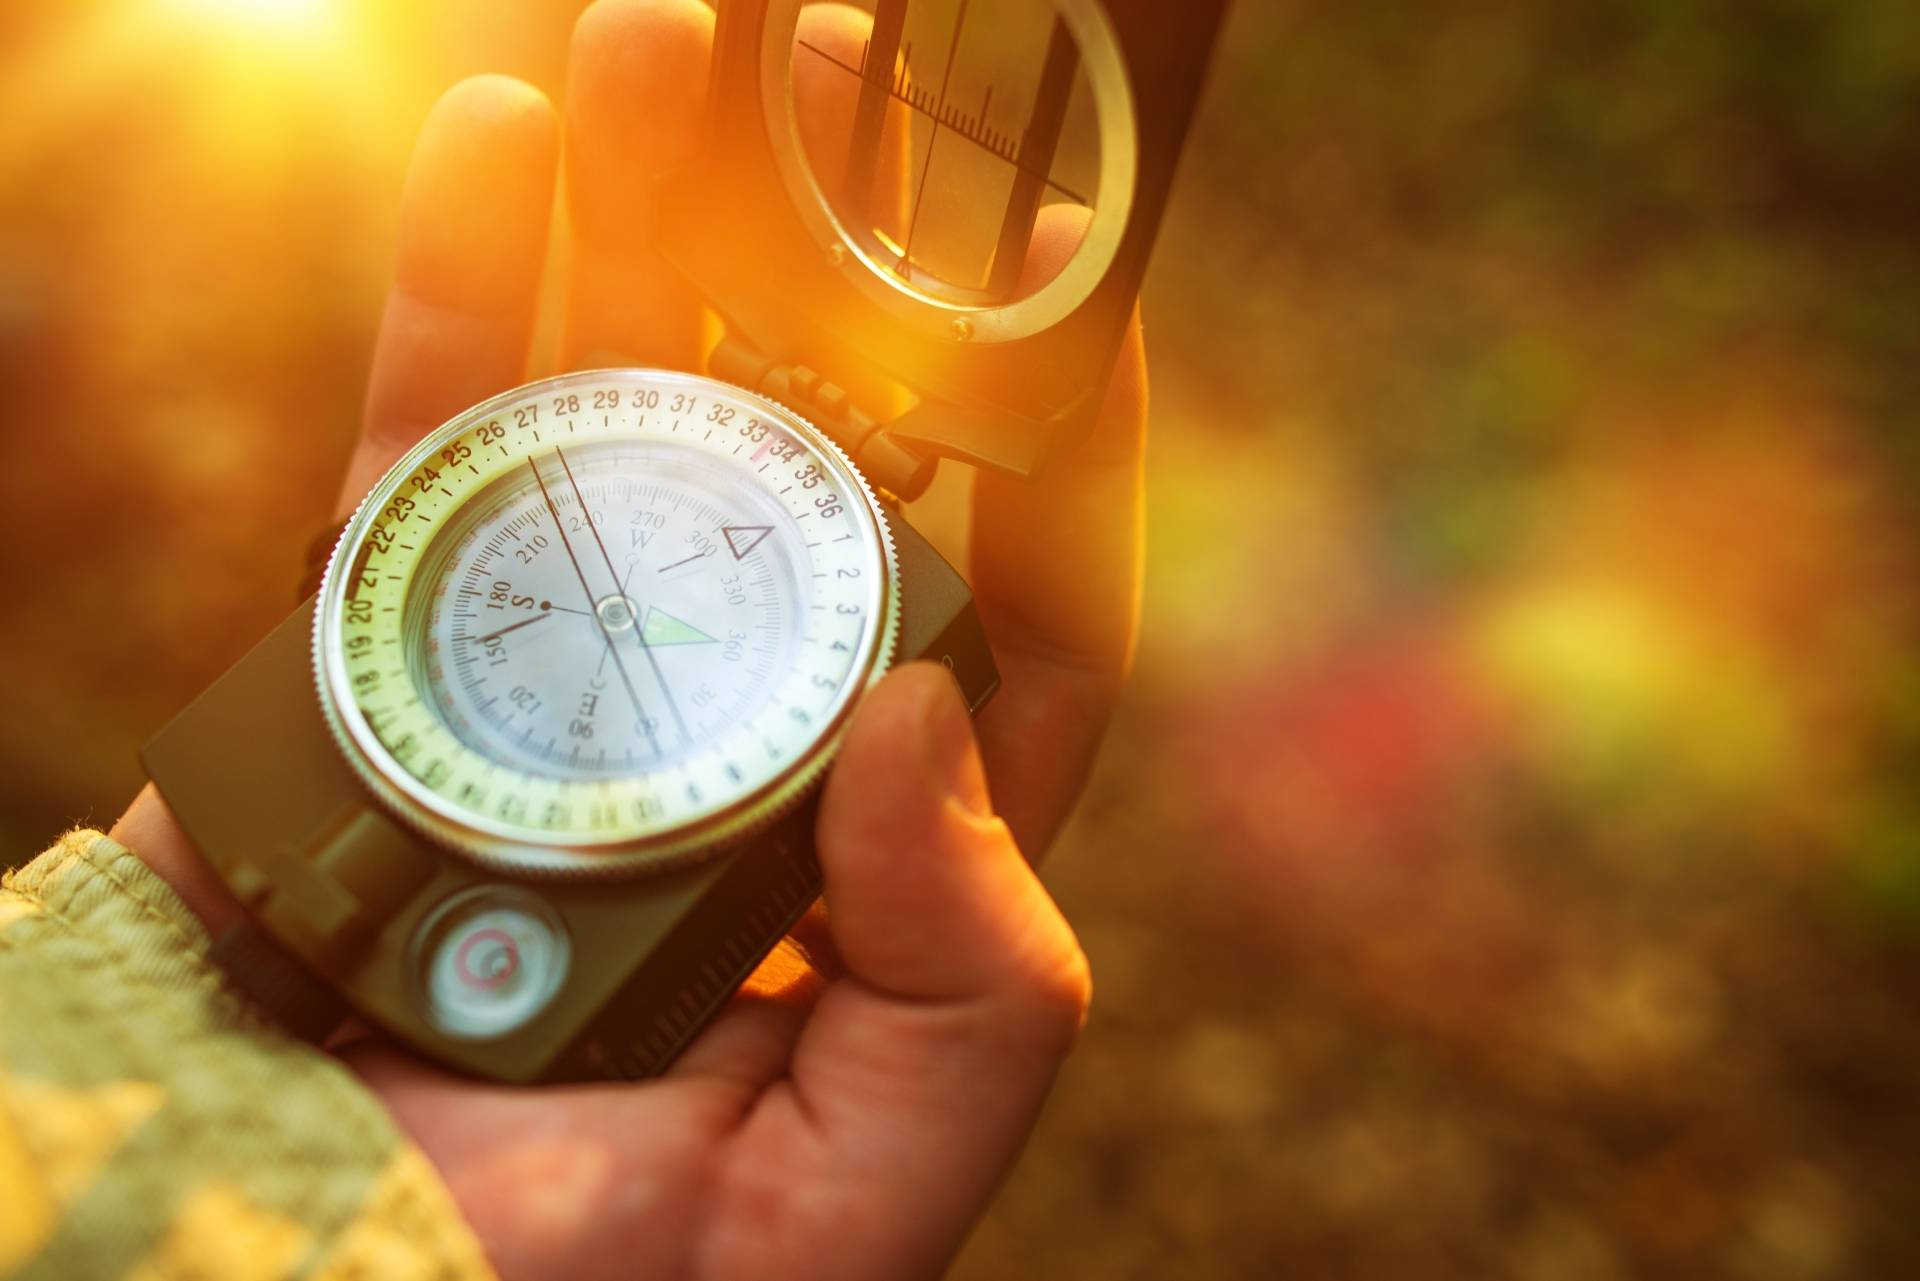 Jak nie zgubić się w lesie. Tłumaczy Adam Wajrak. Kobiece dłonie trzymają kompas w lesie.